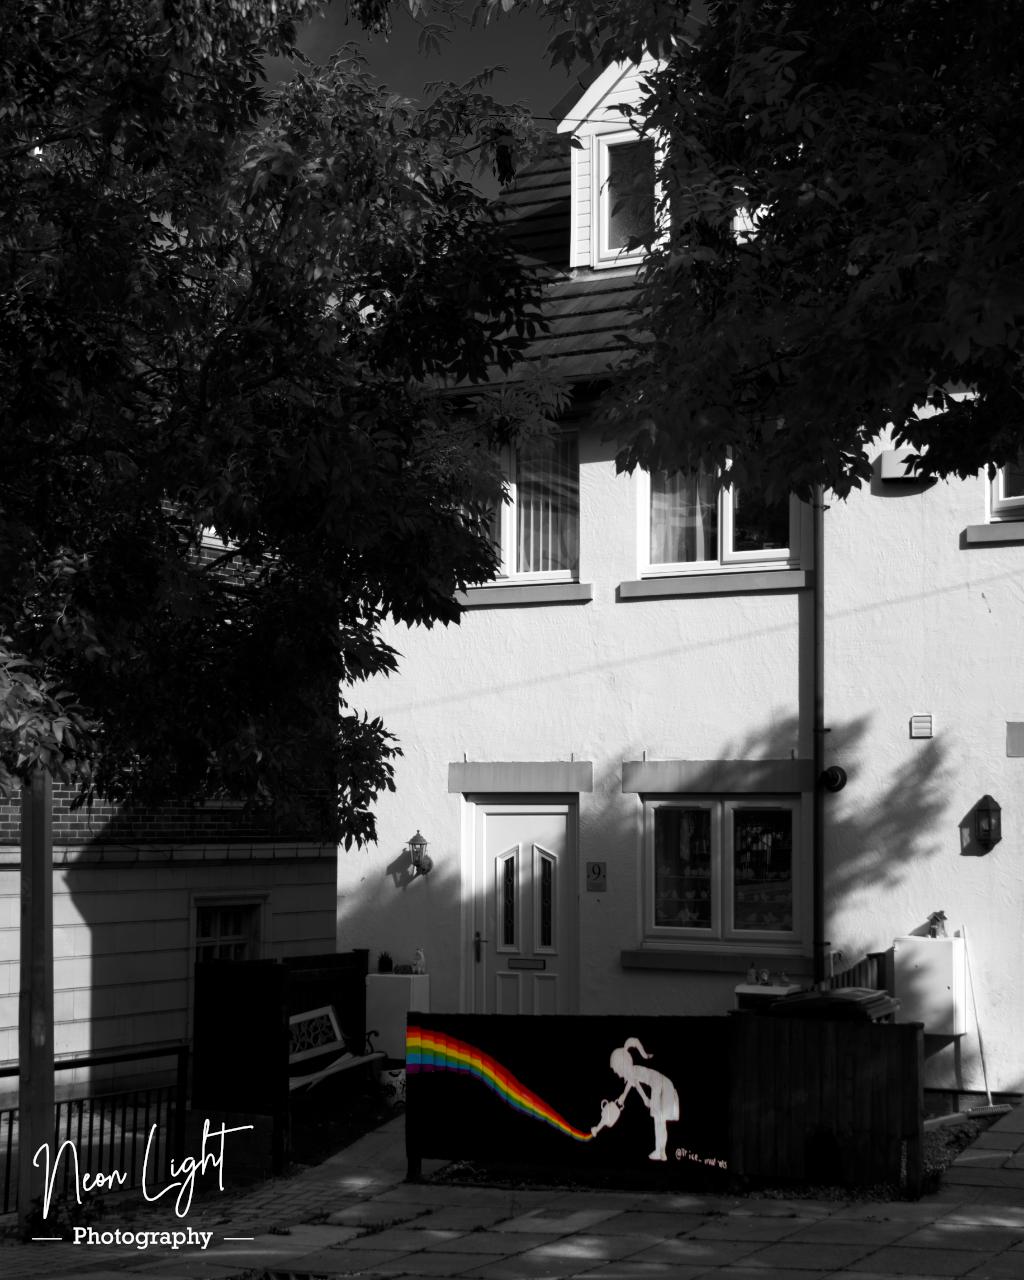 2020-10-07-IMGP0051-Rainbow-Girl